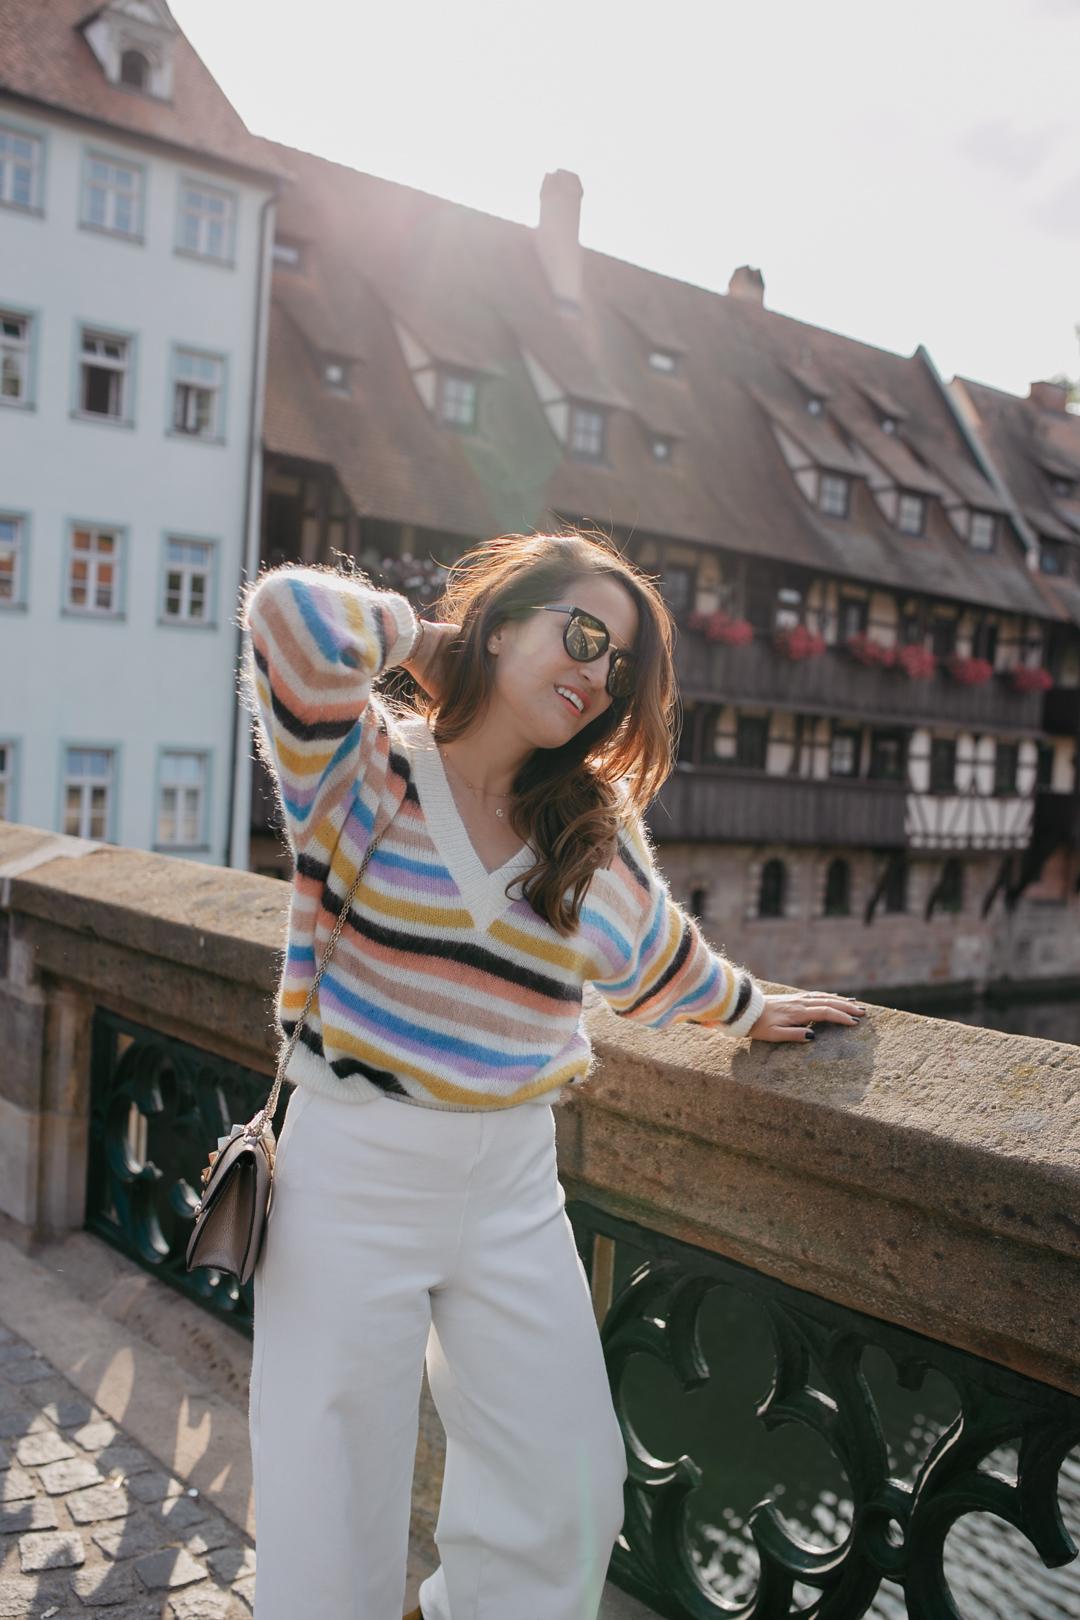 Herbstfavorit: Farbenfrohe Strickpullover | www.piecesofmariposa - Fashion & Lifestyle Blog aus Nürnberg